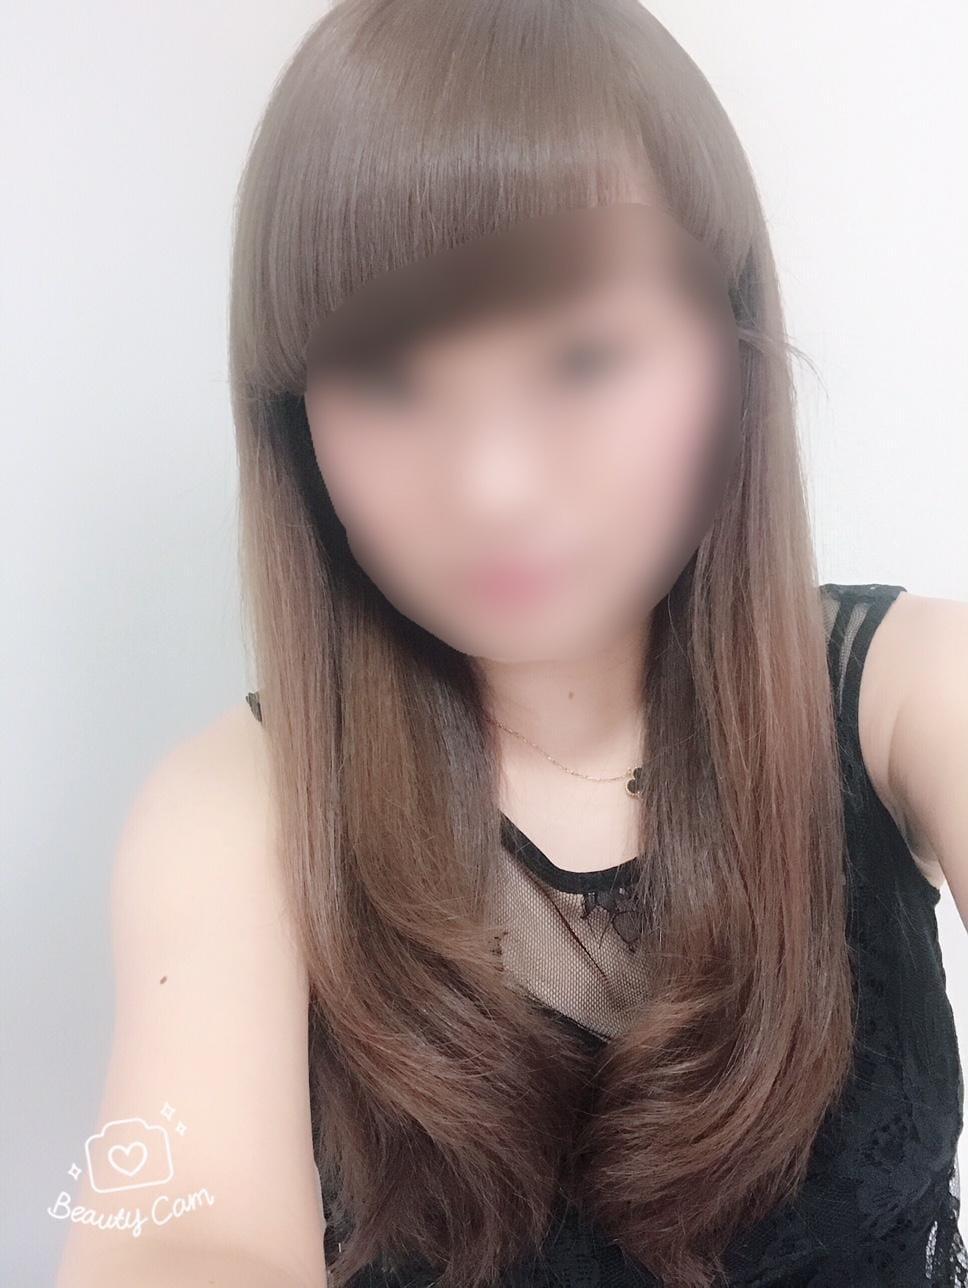 「ついたよ~☆彡」11/12(11/12) 17:56 | あゆなの写メ・風俗動画